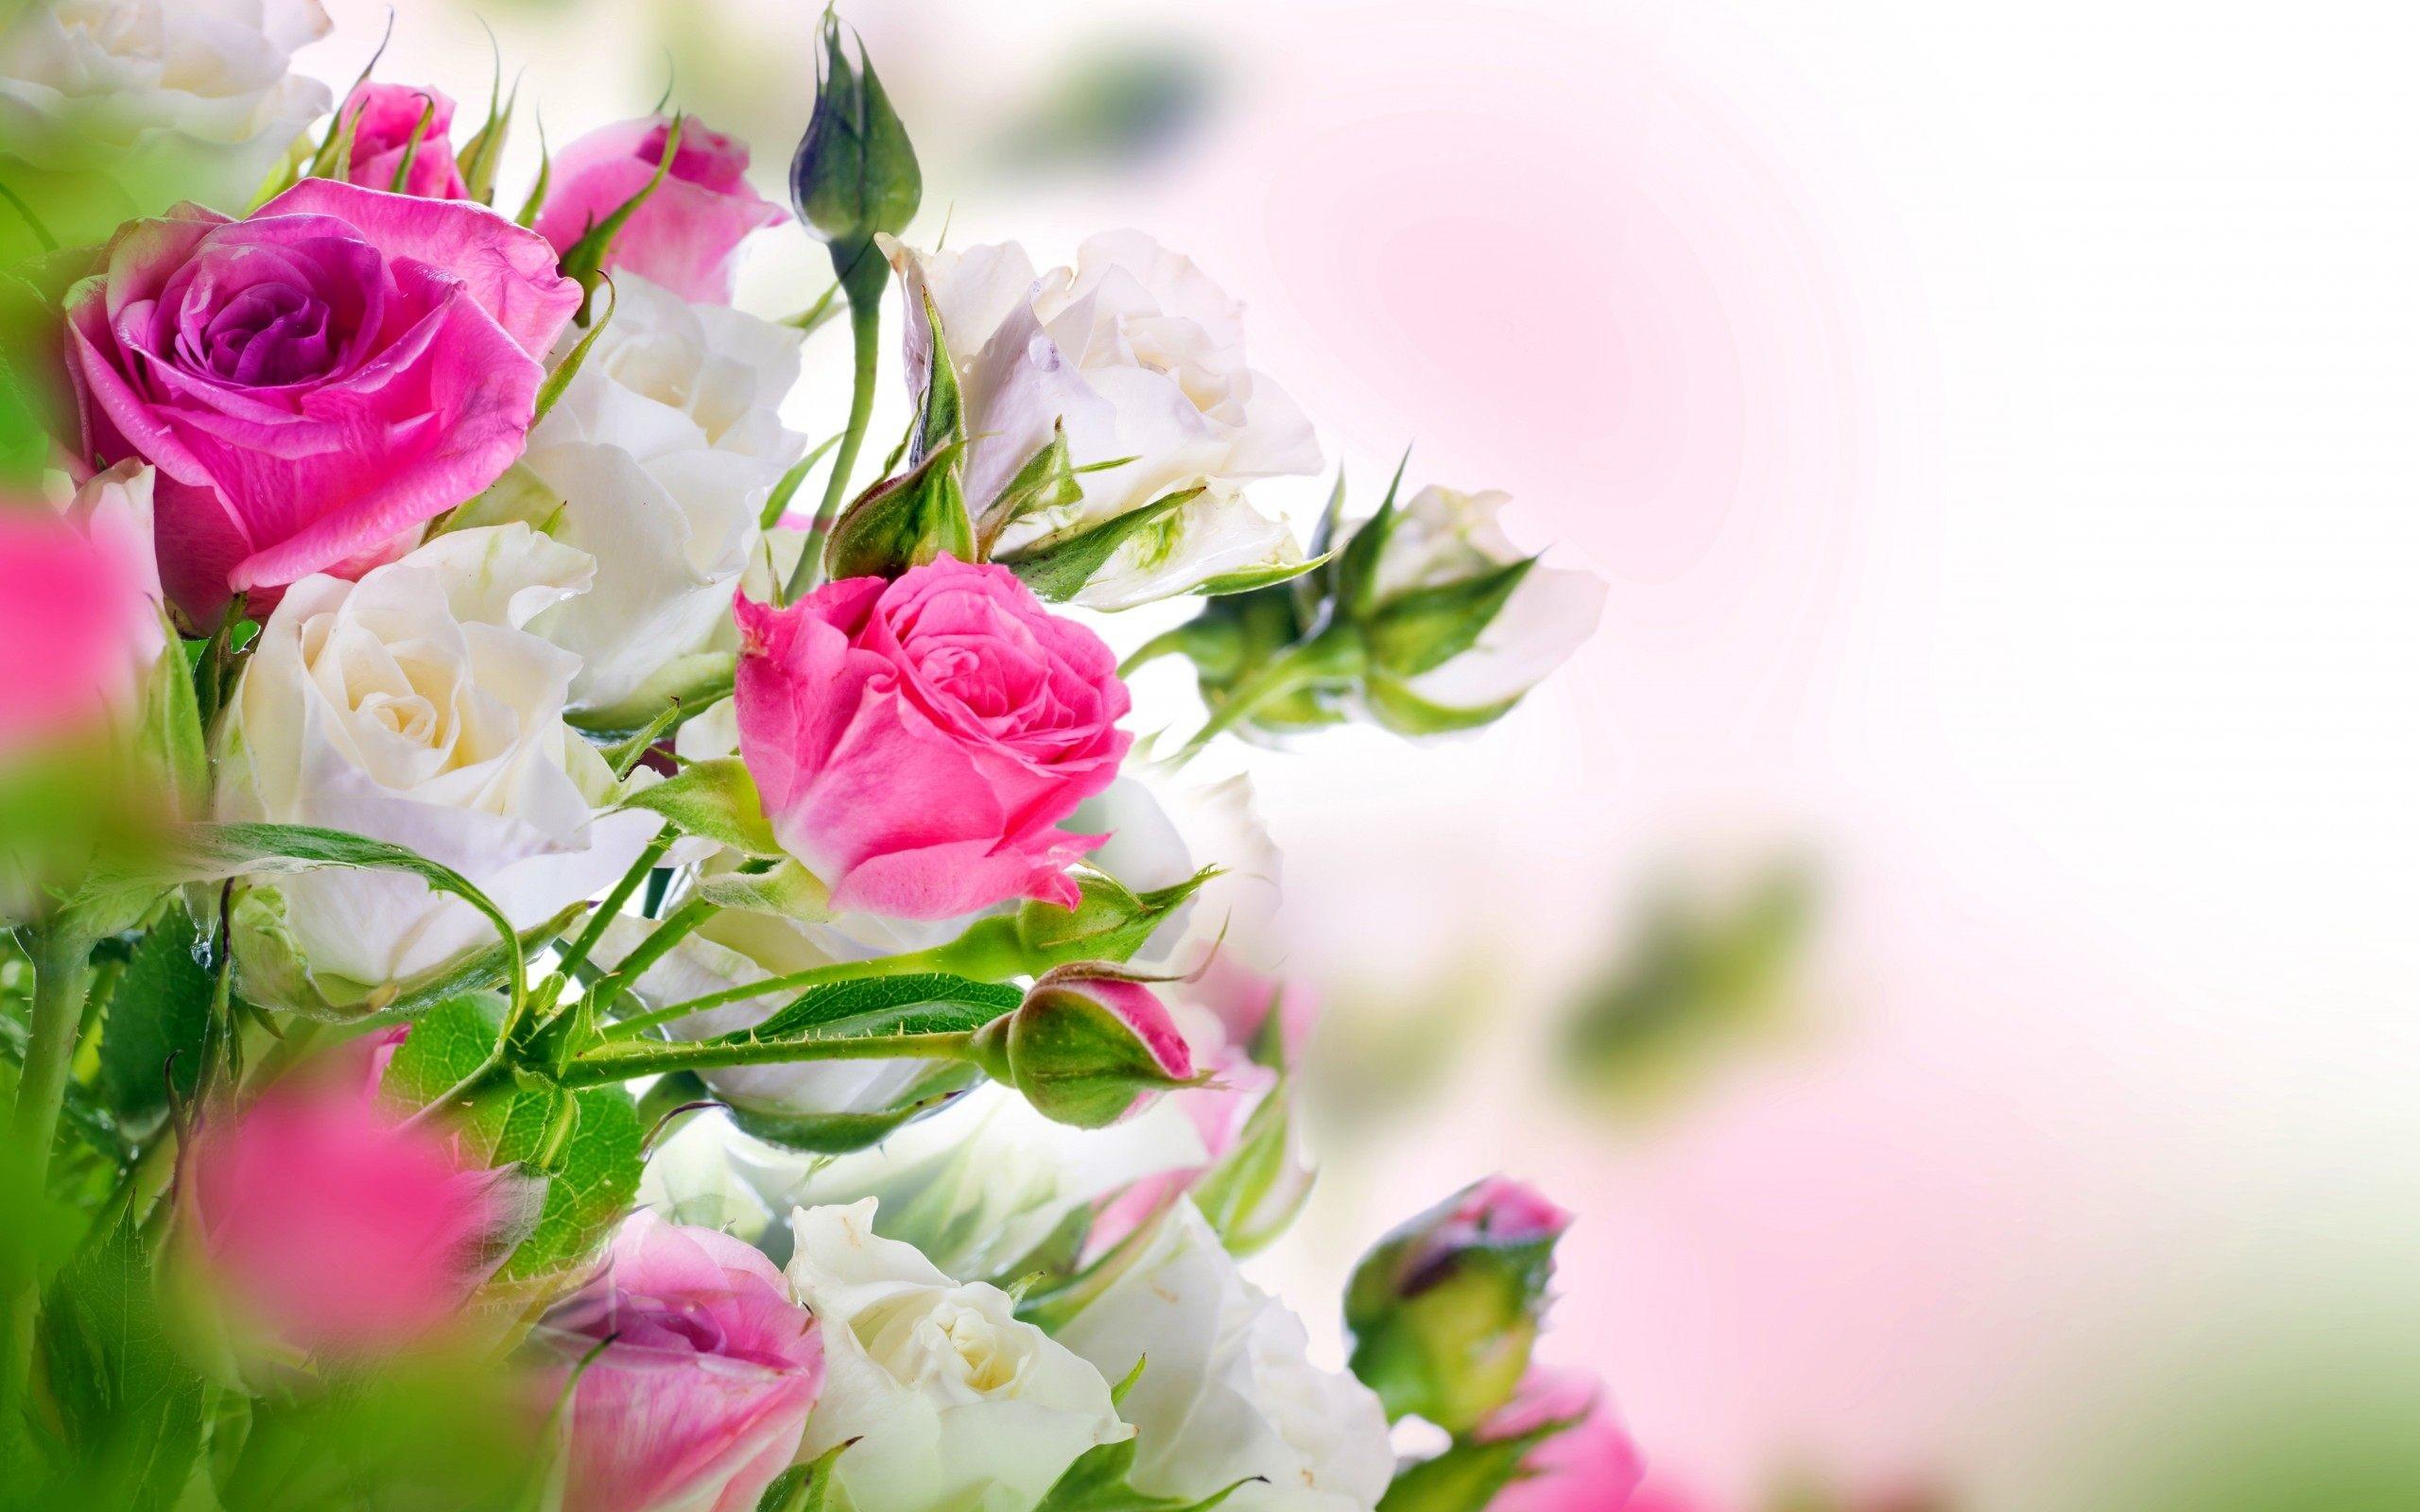 desktop wallpaper rose flowers: White Rose Wallpaper ·①